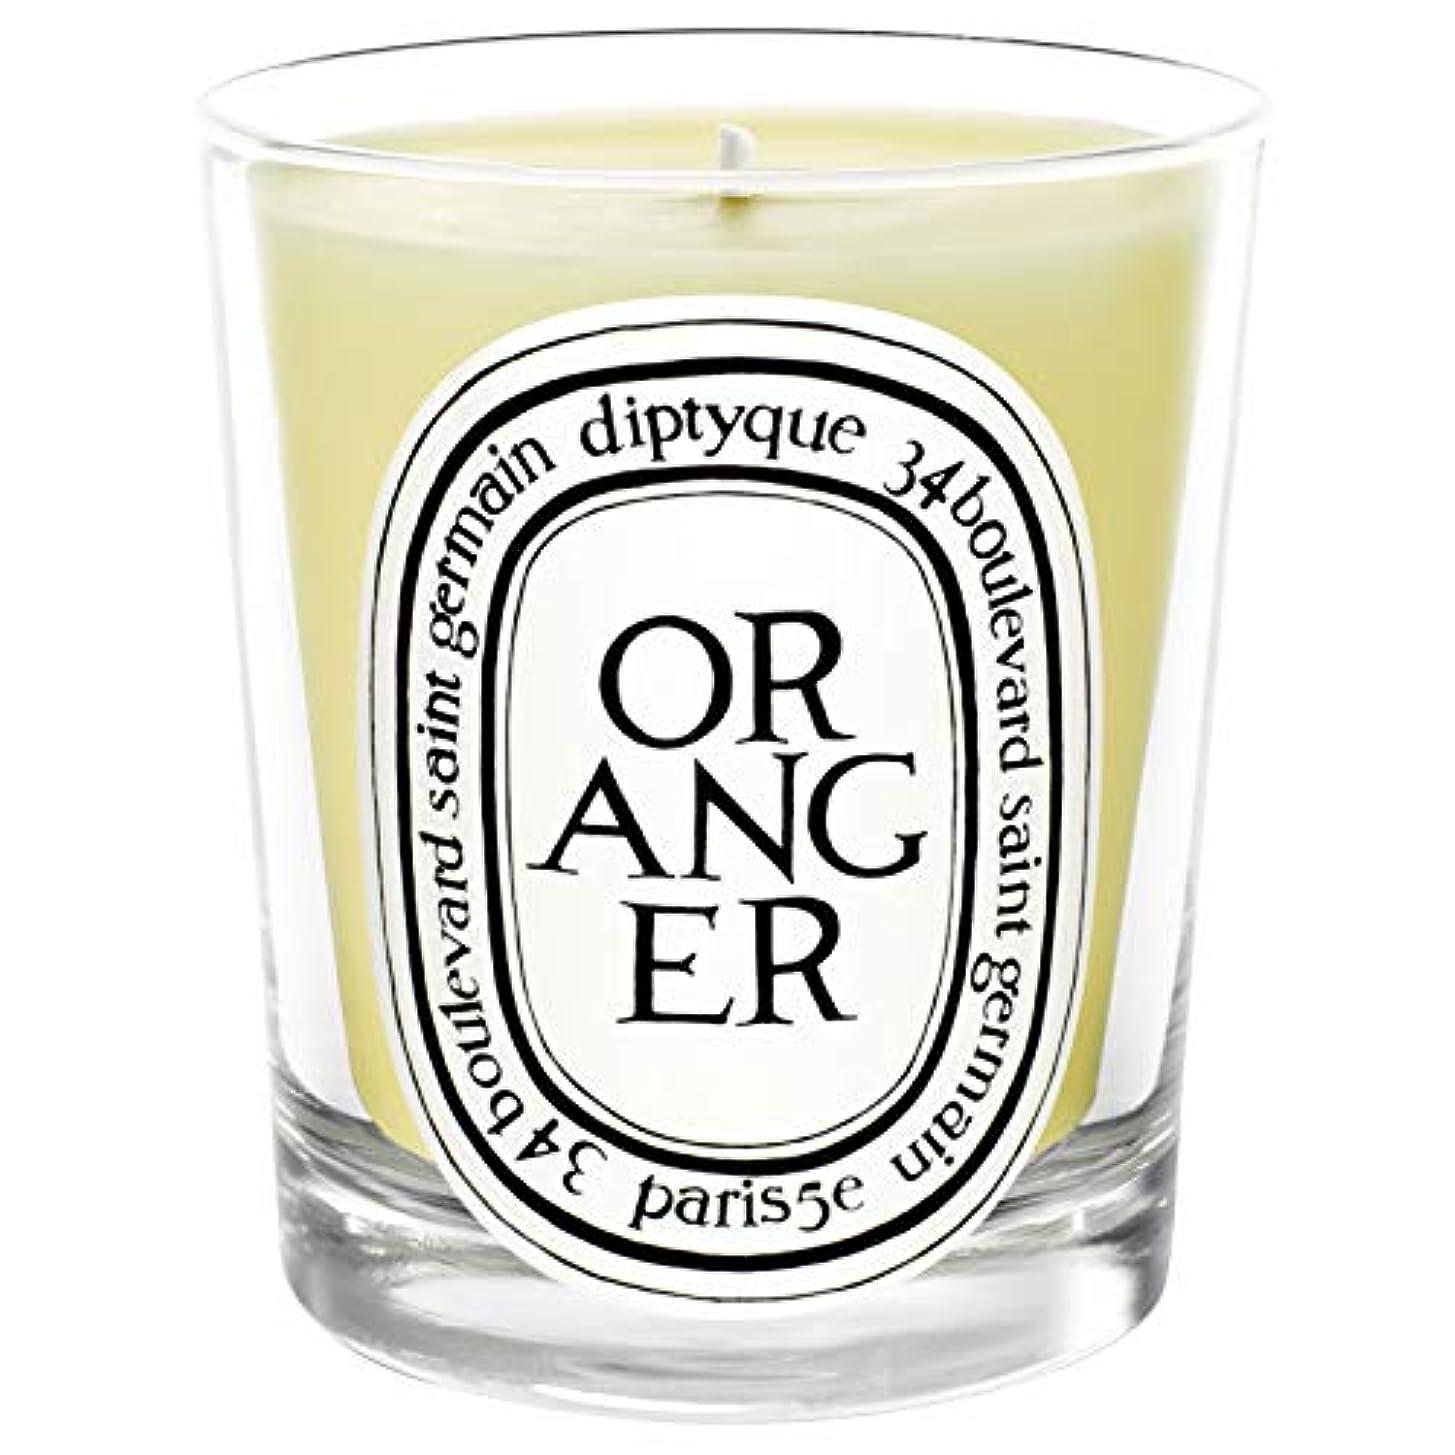 失業赤道憂鬱[Diptyque] Diptyqueのオランジェ香りのキャンドル190グラム - Diptyque Oranger Scented Candle 190g [並行輸入品]